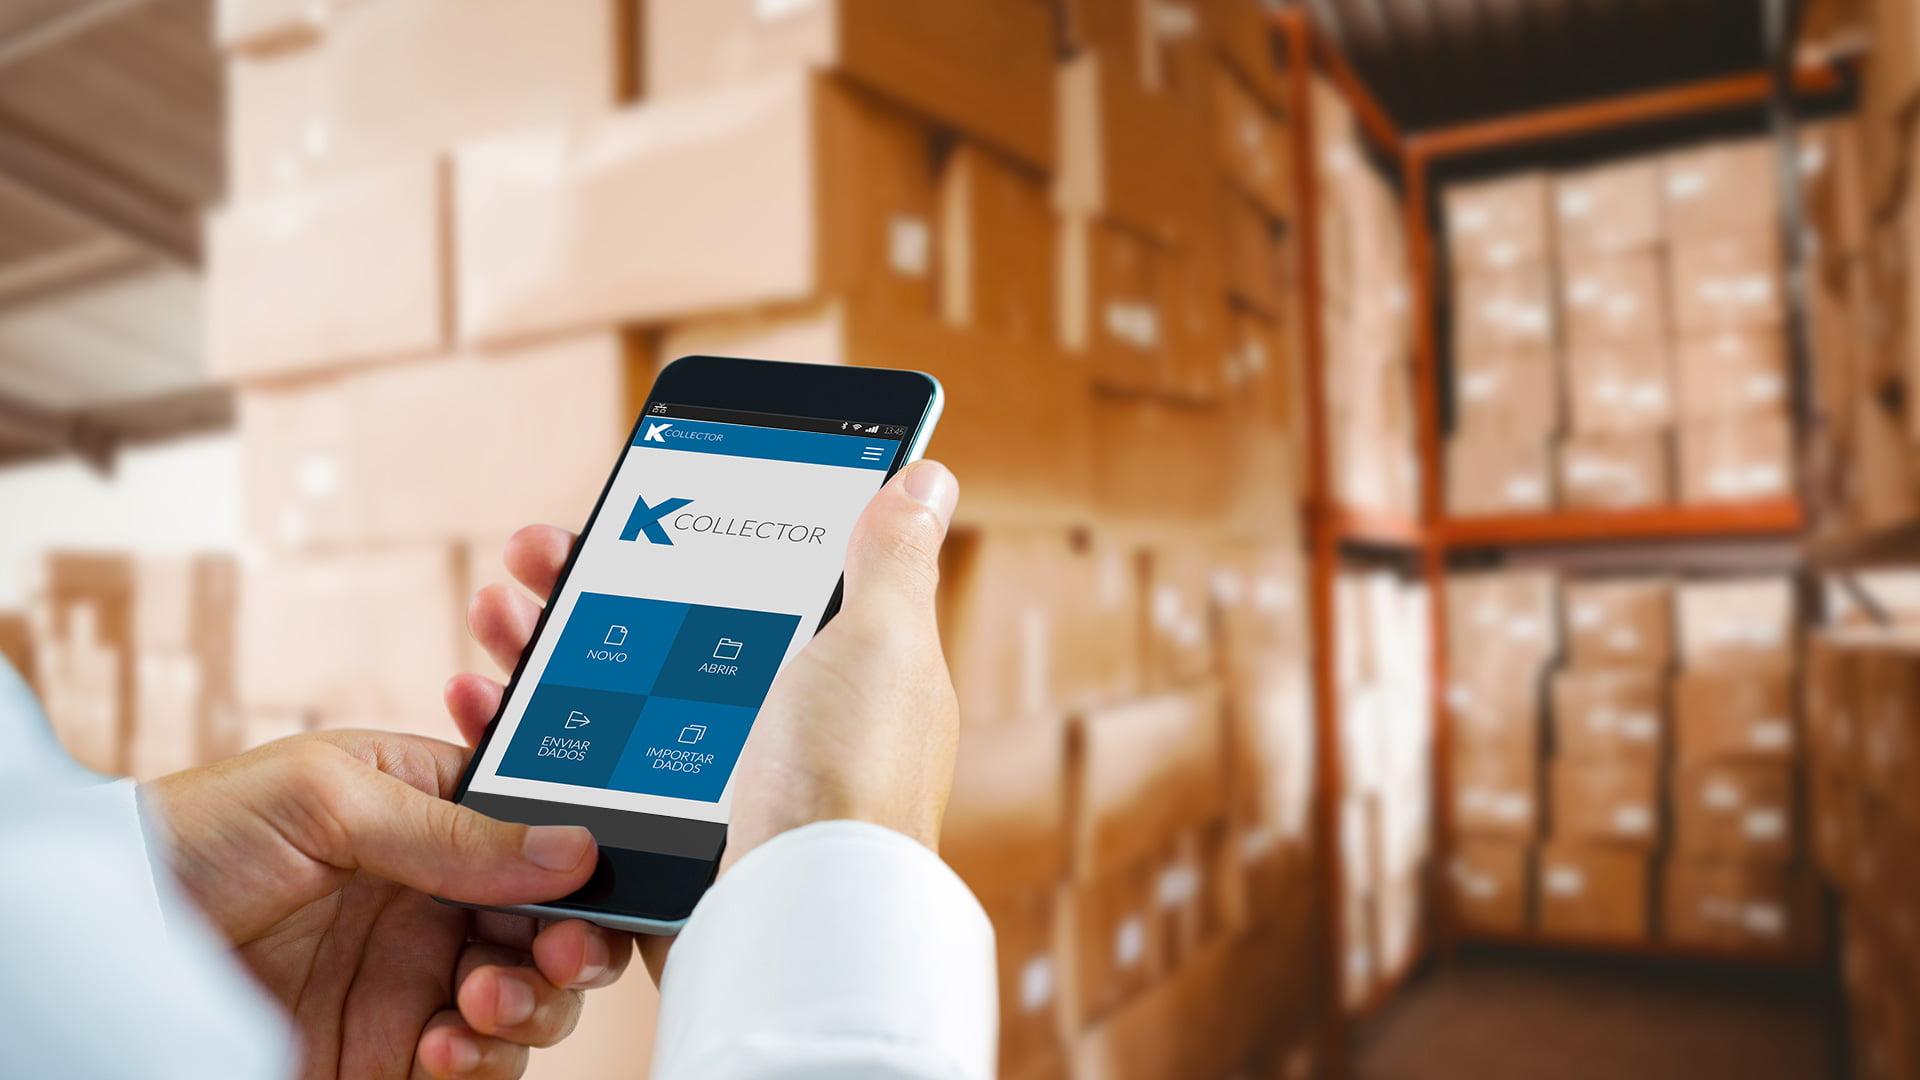 Coletor de dados Celular em mãos utilizando o KCollector